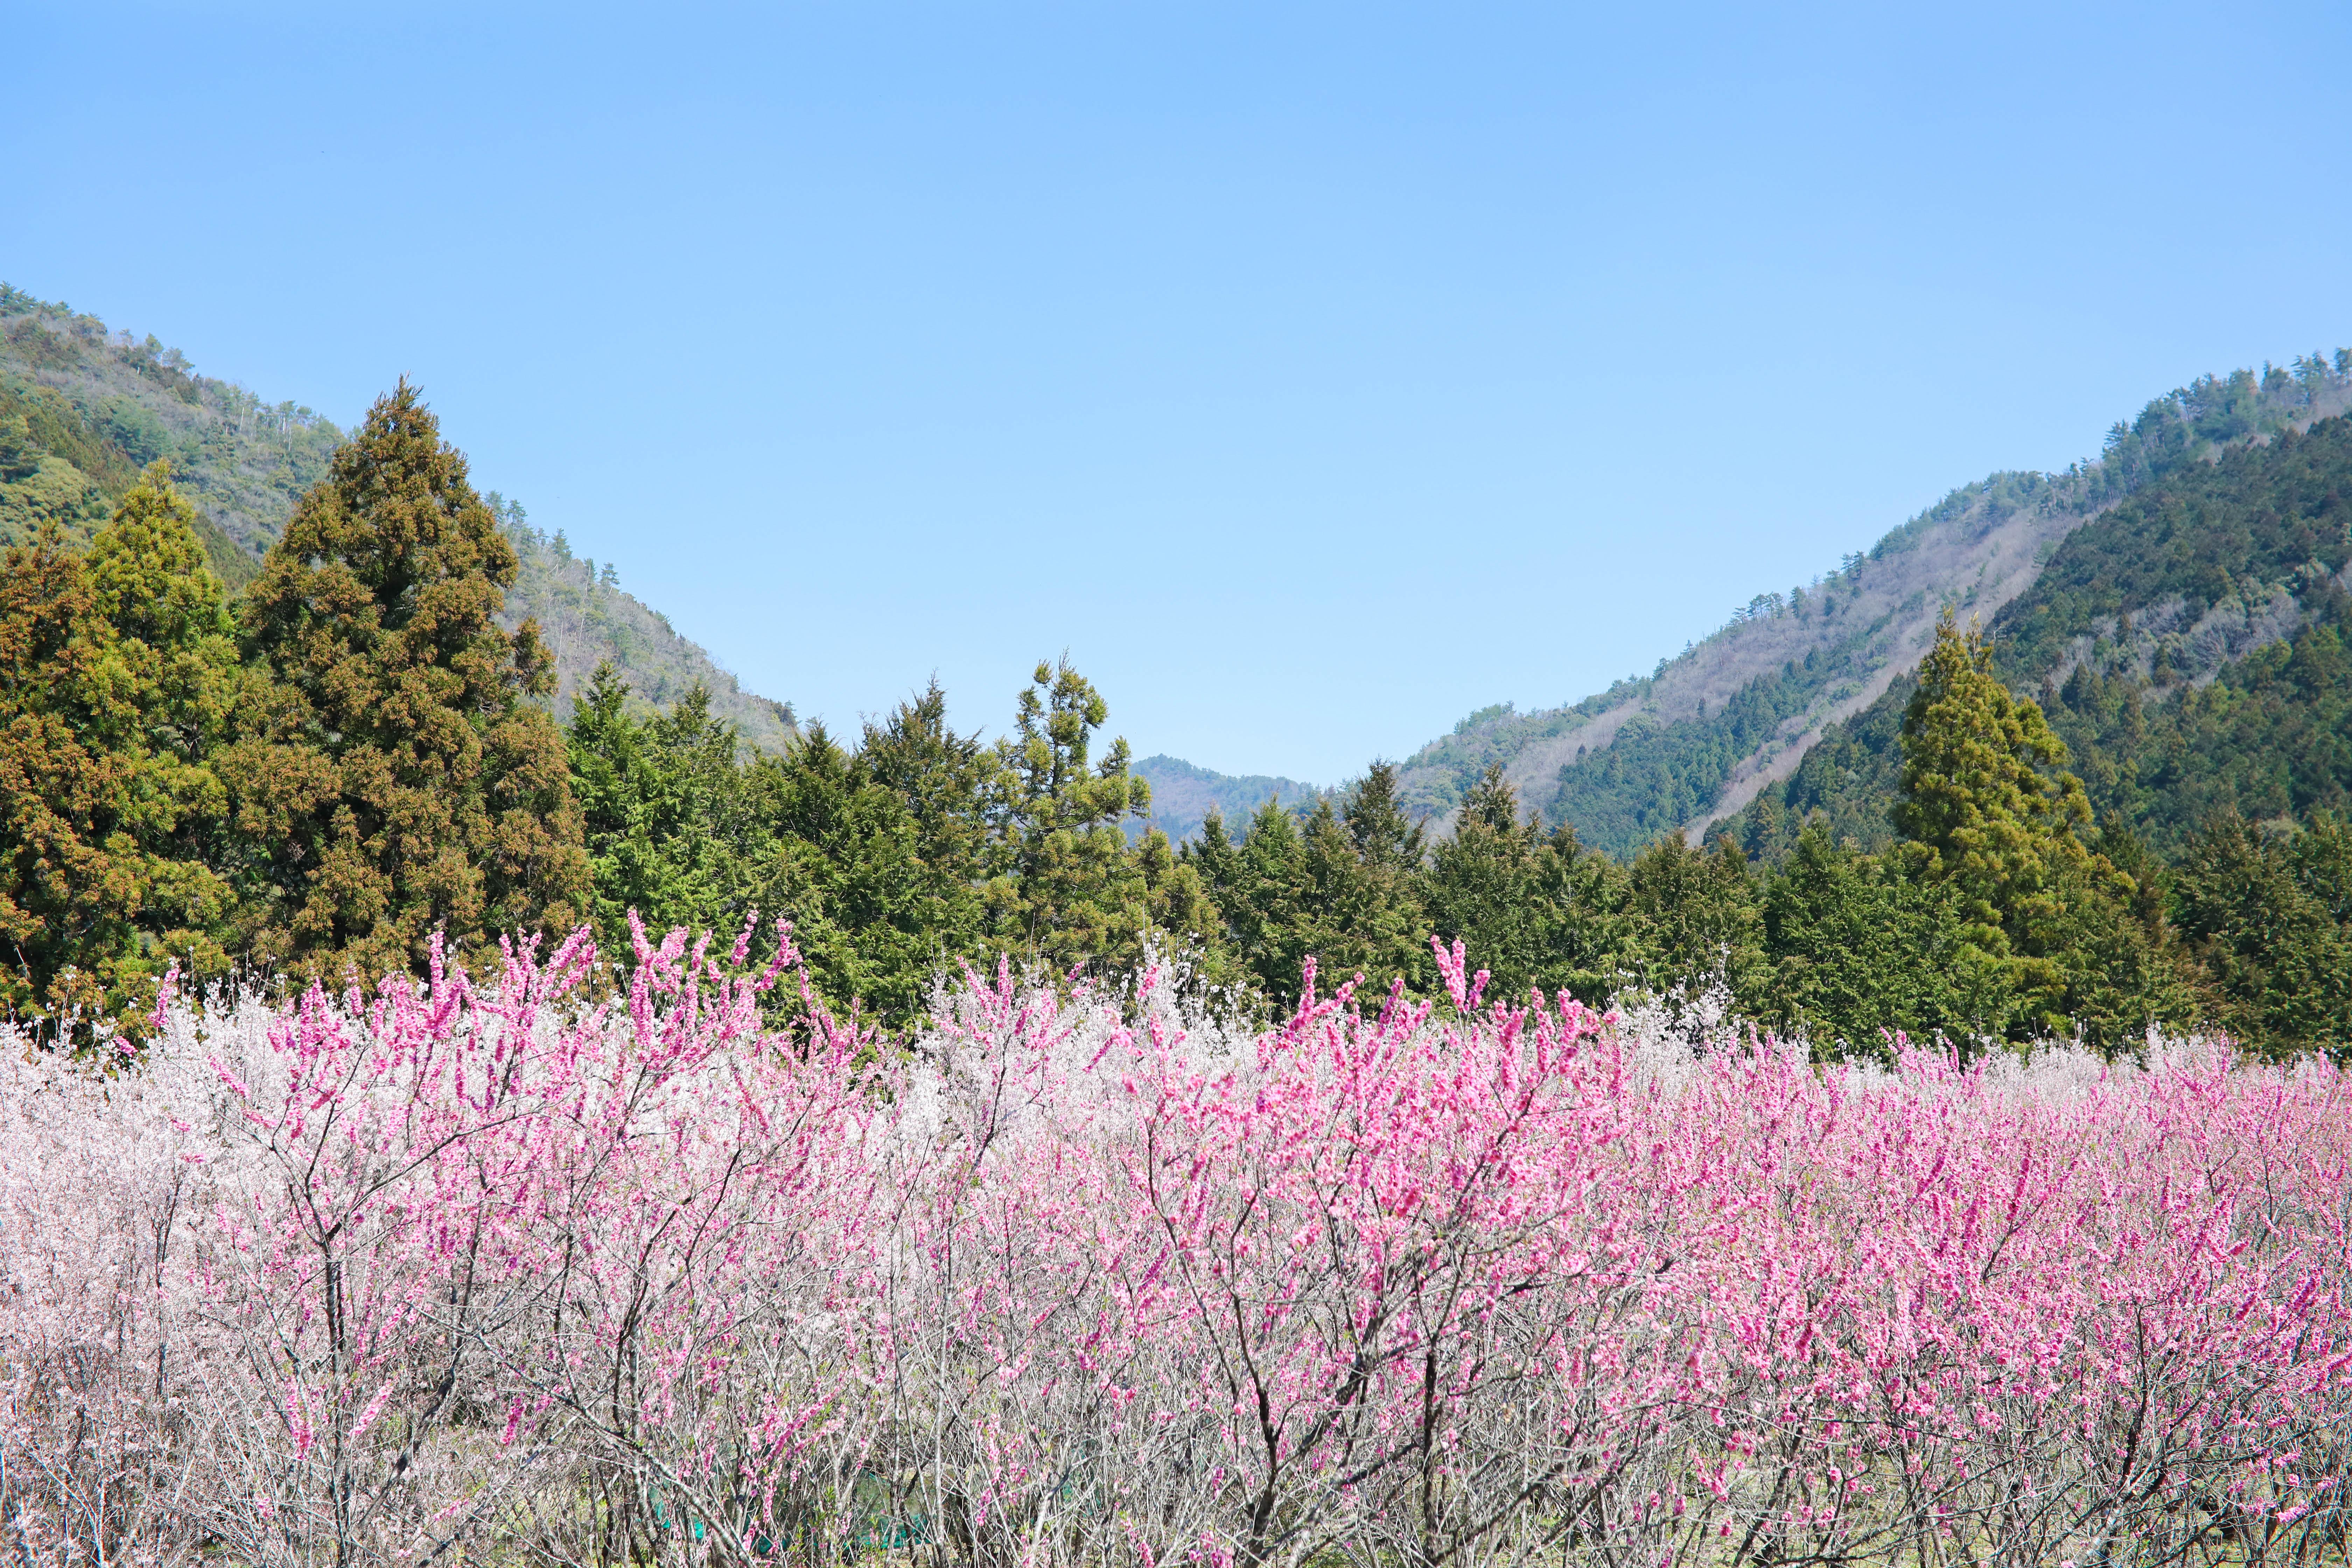 桜と桃の名所!四万十町(高知)の桃源郷